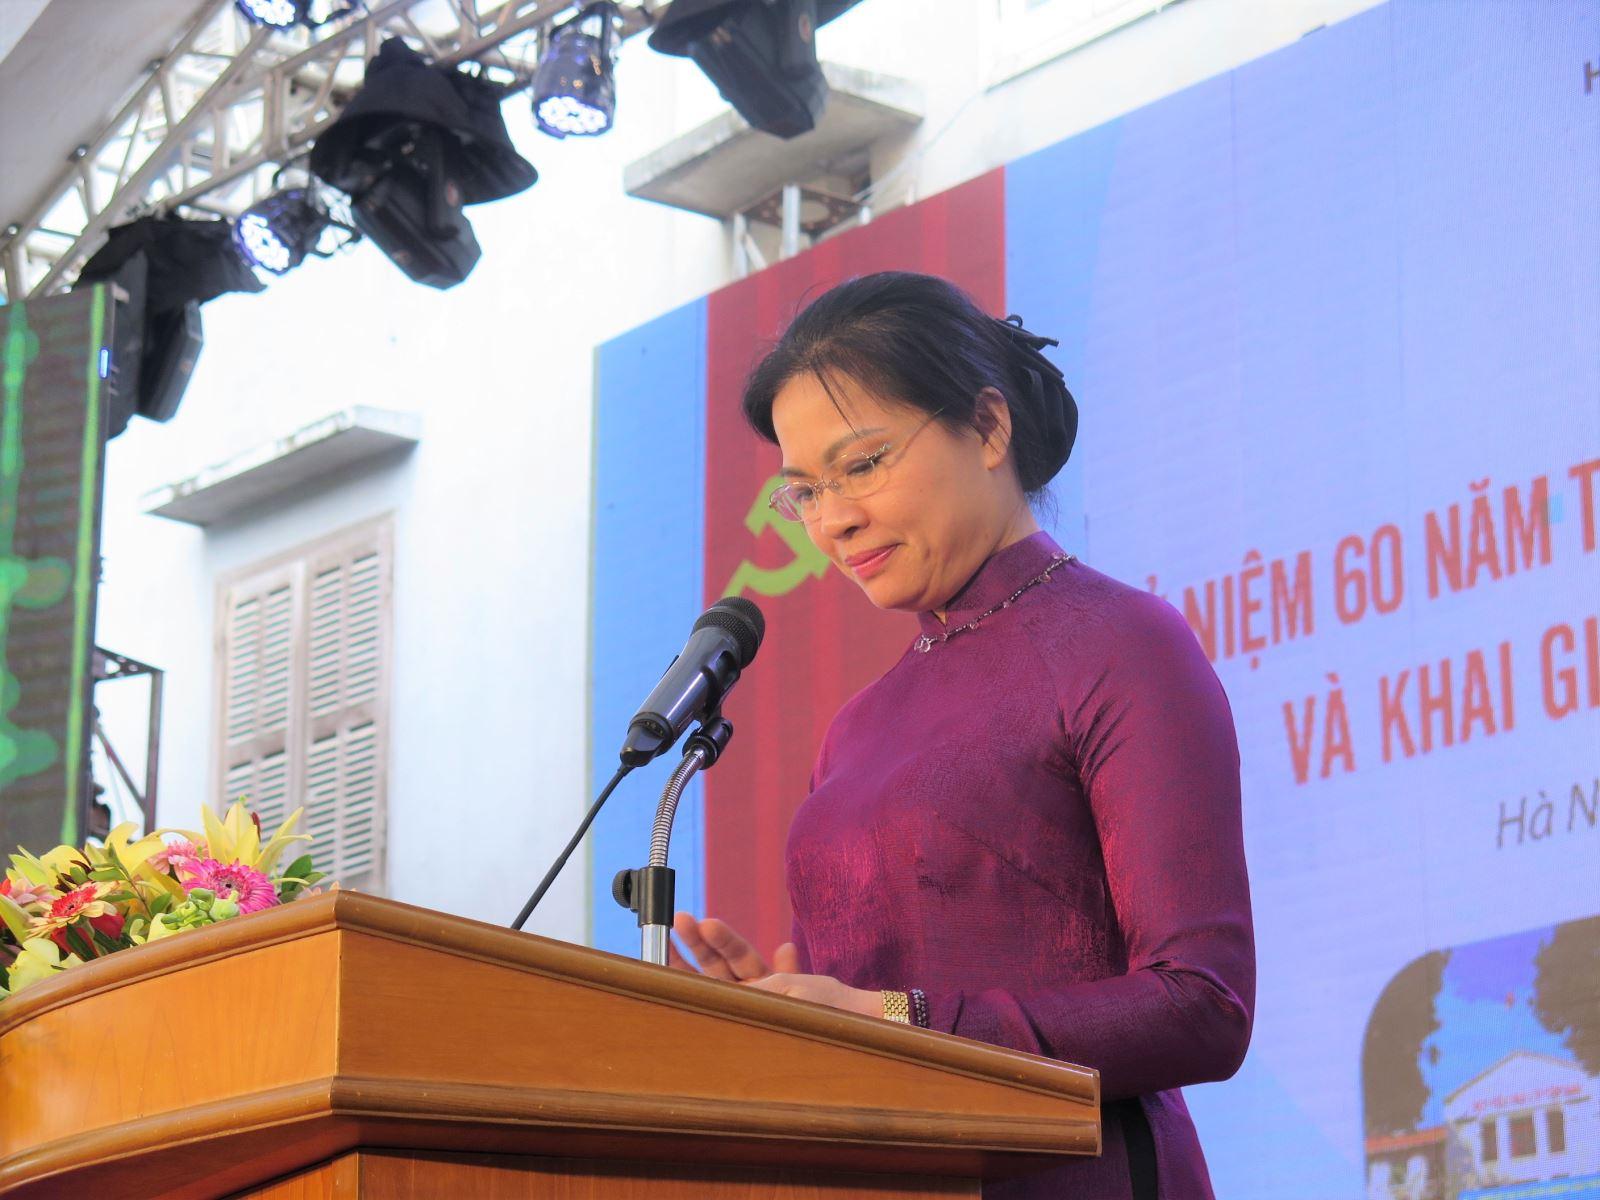 Chủ tịch Hội LHPNVN chúc mừng 60 năm ngày truyền thống Học viện Phụ nữ Việt Nam